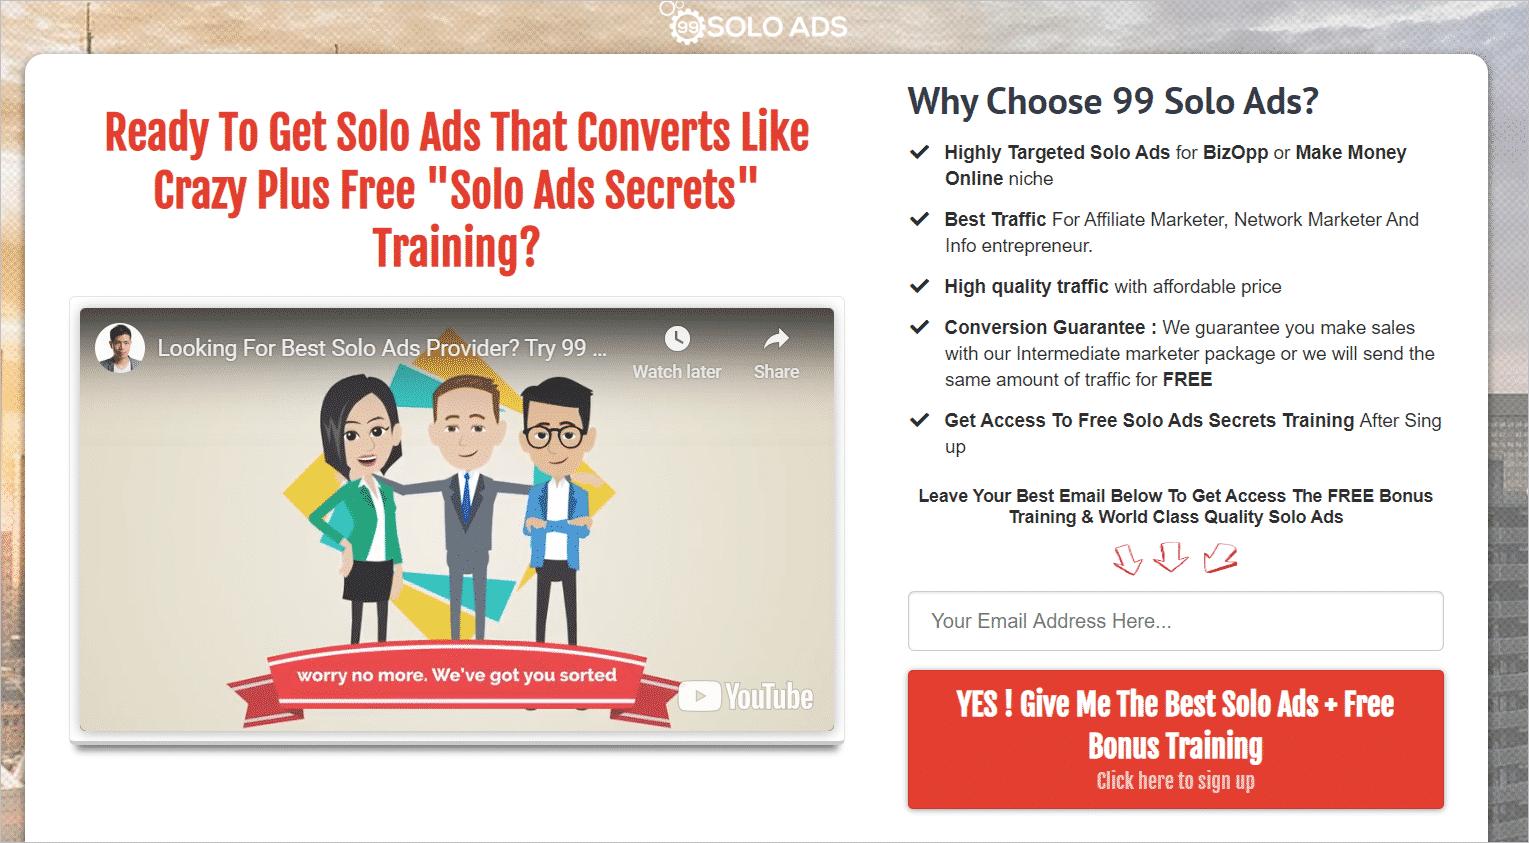 99 Solo Ads